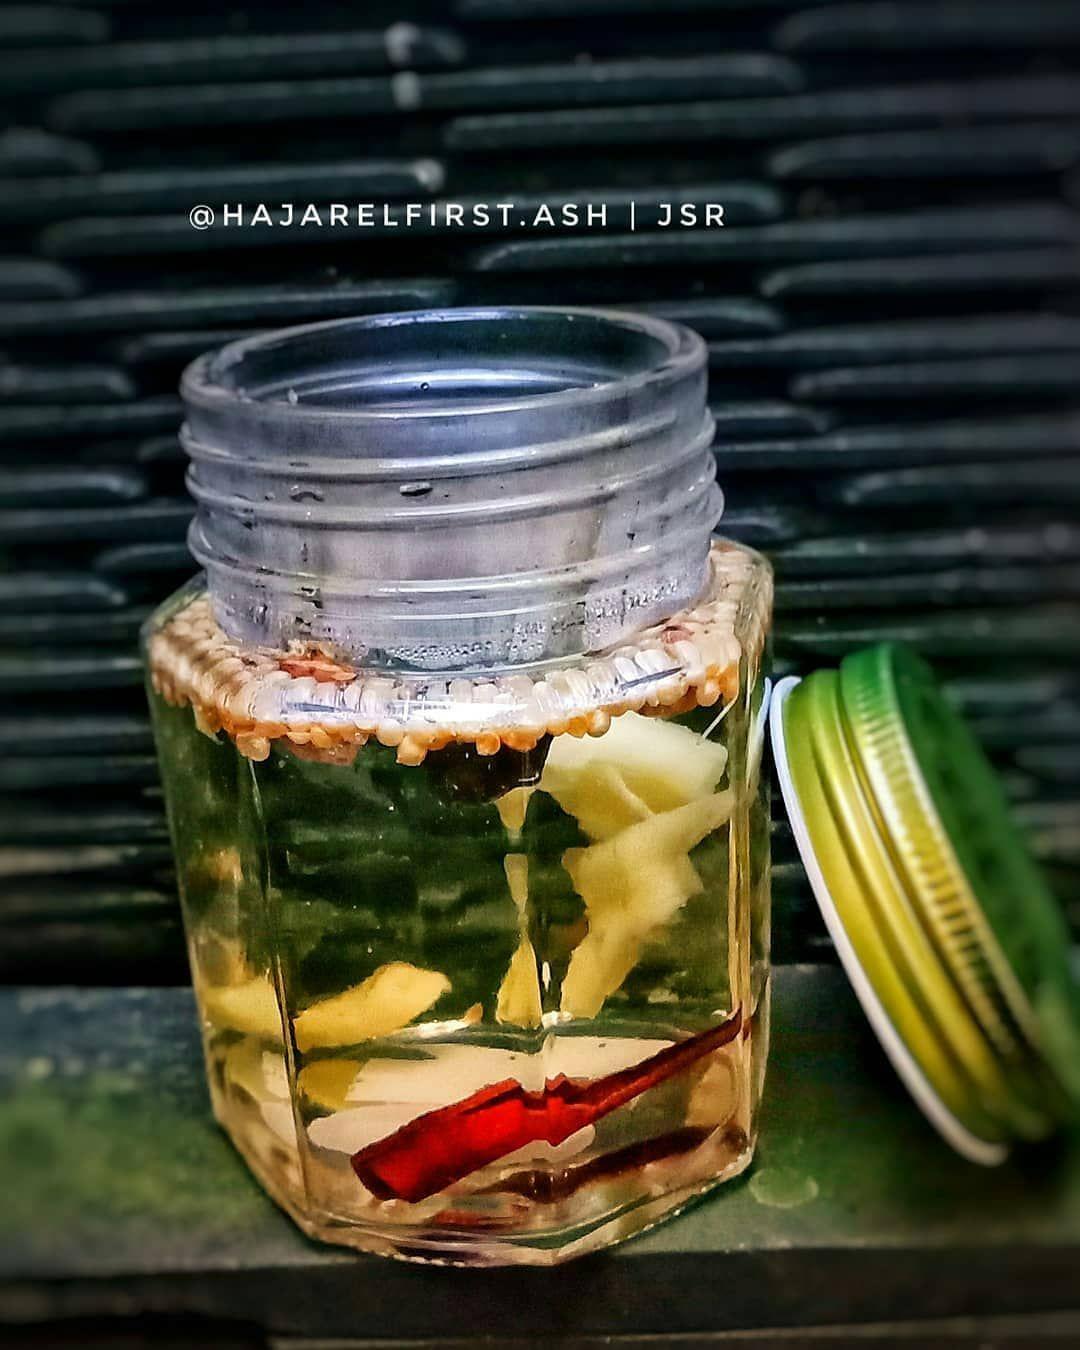 Resep Jurus Sehat Rasulullah Di Instagram Reposted From Hajarelfirst Ash Detox Rahim Resep Nyeri Haid Tadi Siang Coba Sear Food Cucumber Condiments